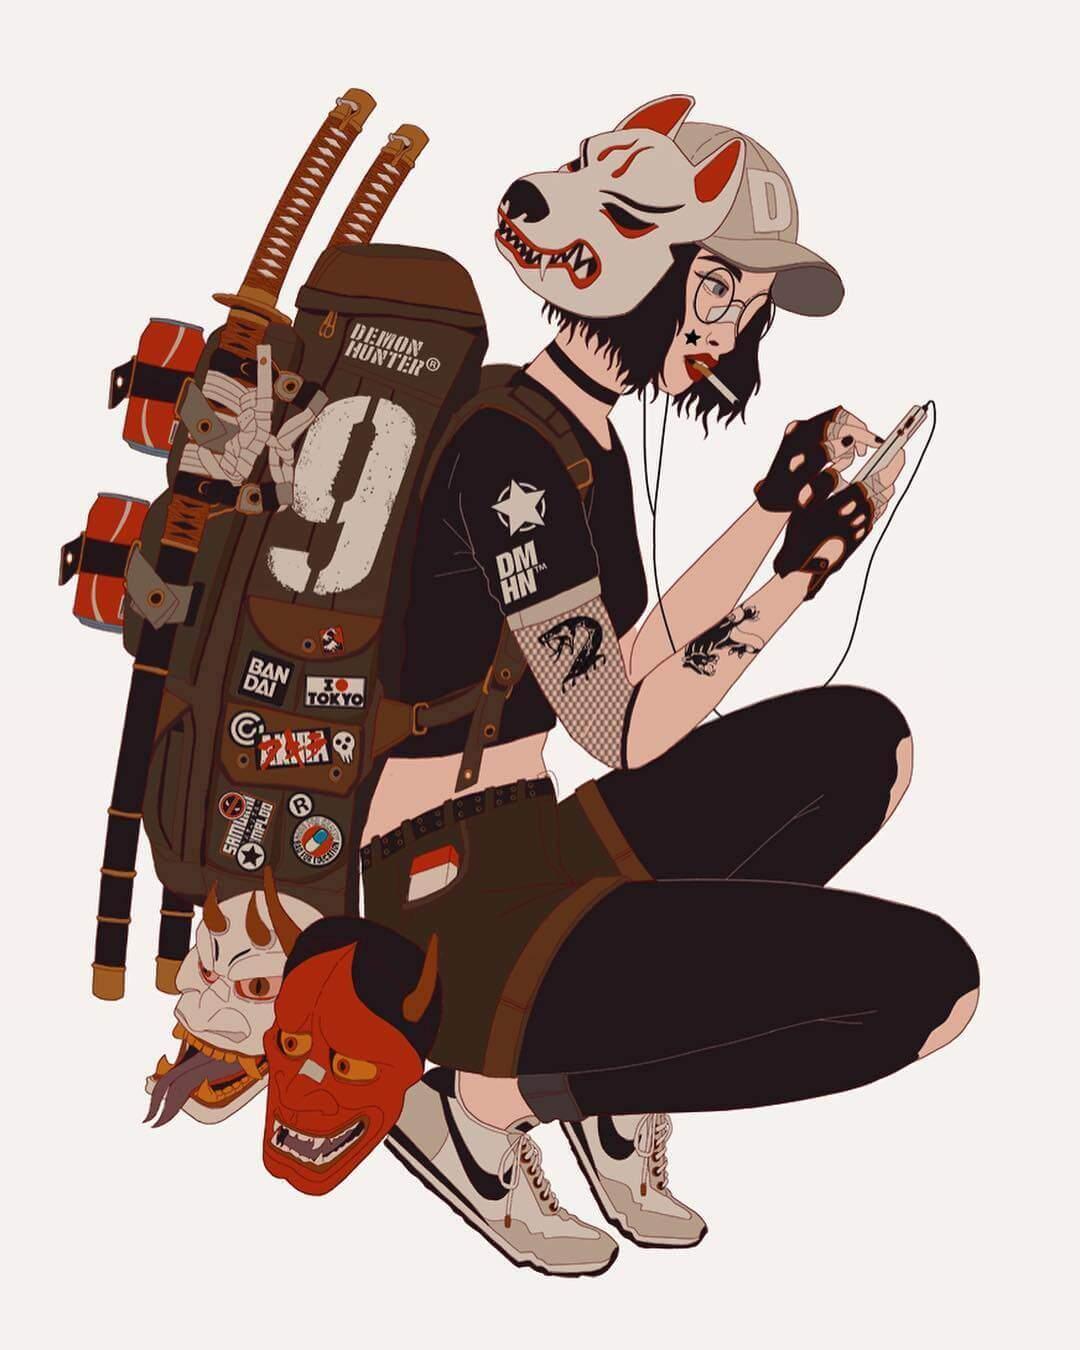 刀ファッションがクールなジャパニーズテイストのイラスト:199hates